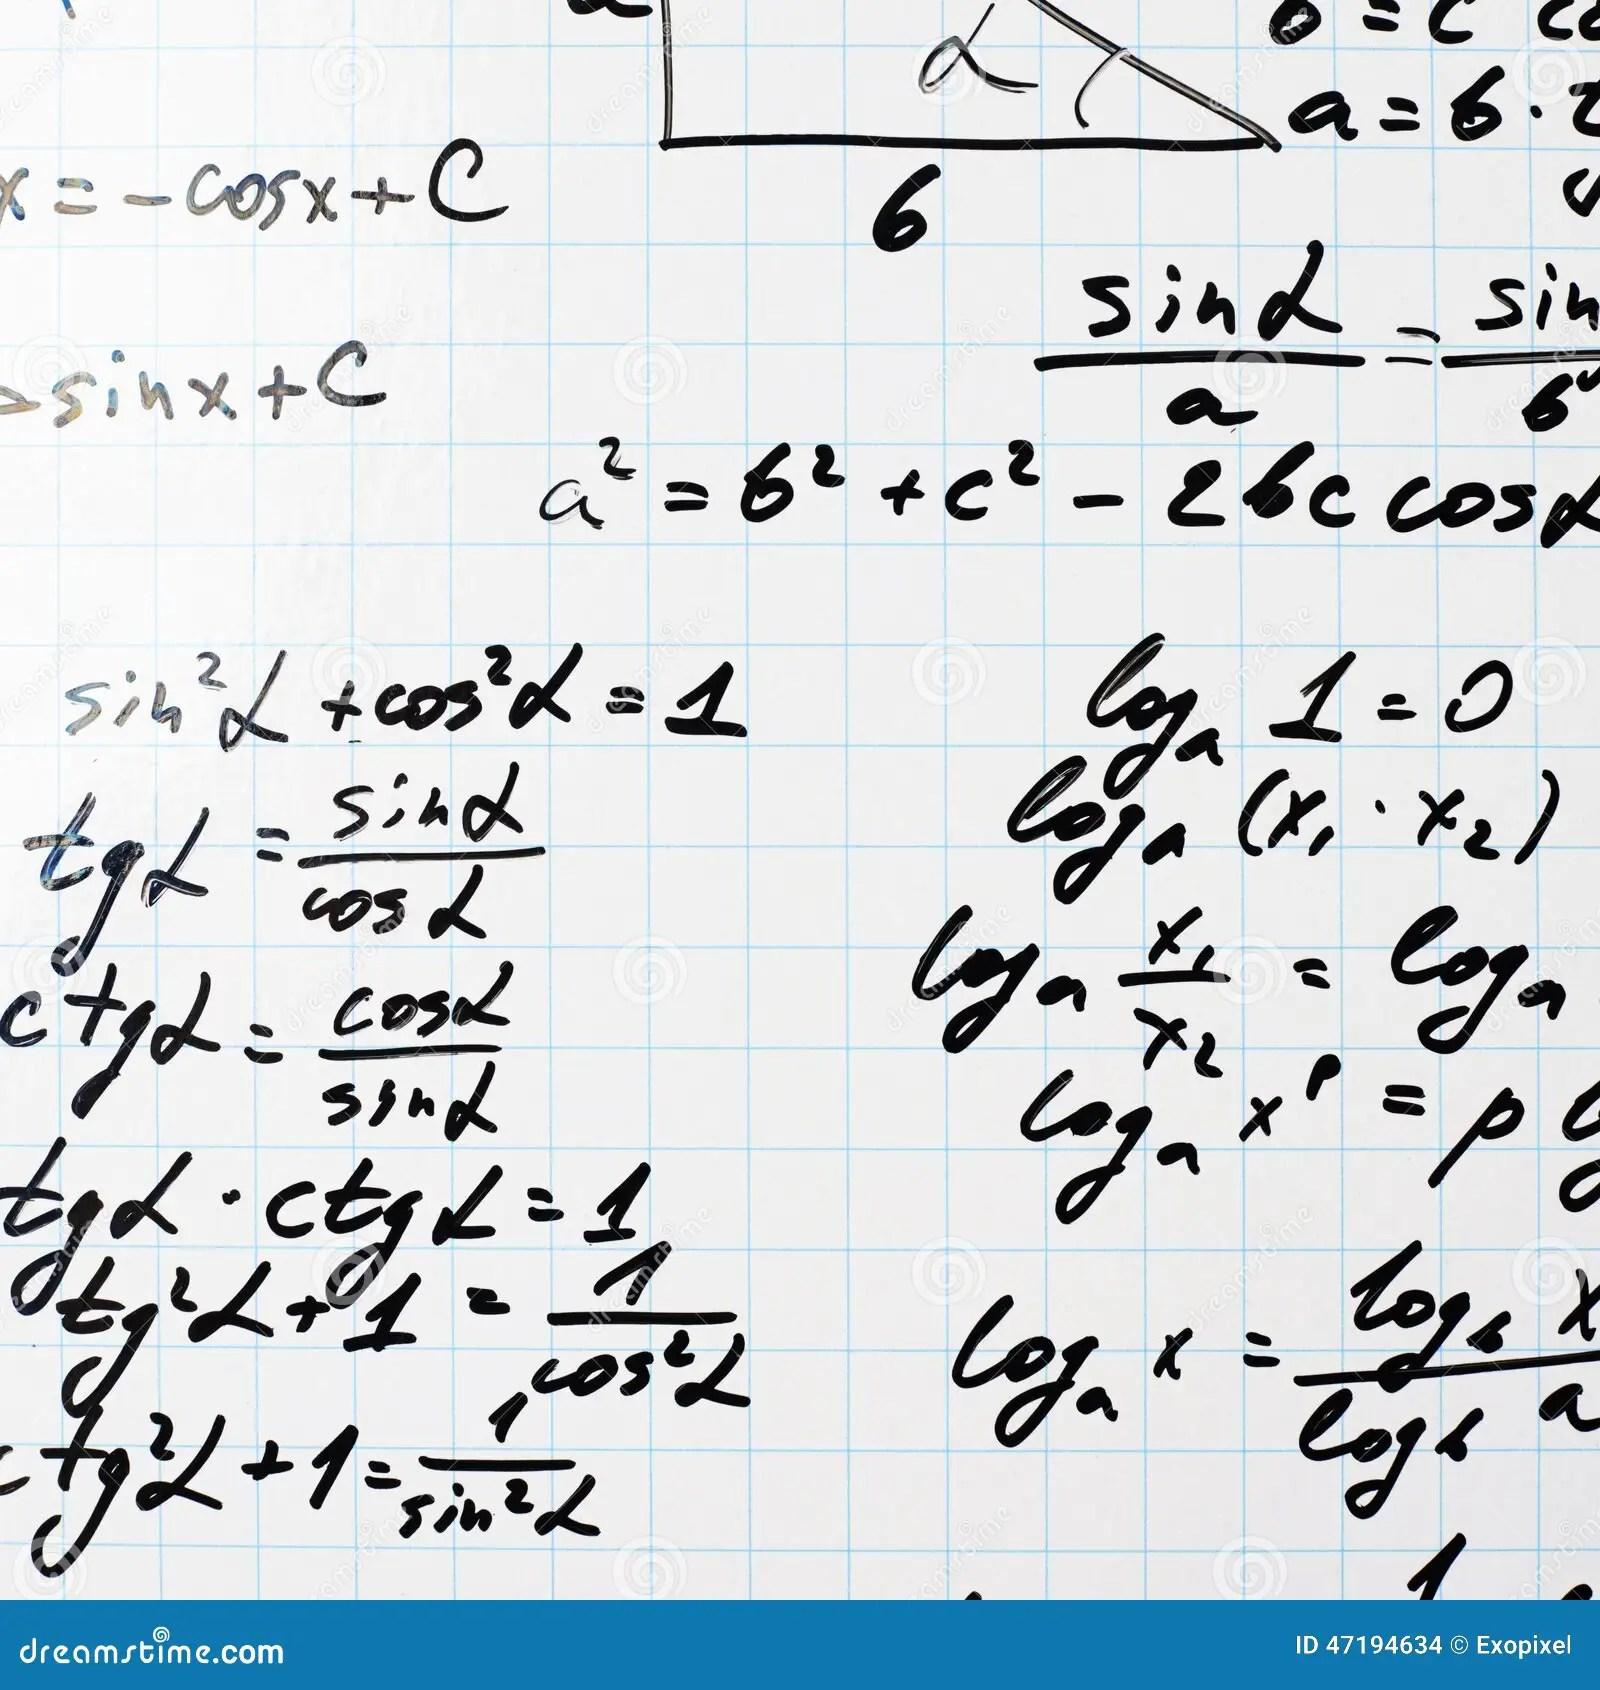 Trigonometry Math Equations And Formulas Stock Photo